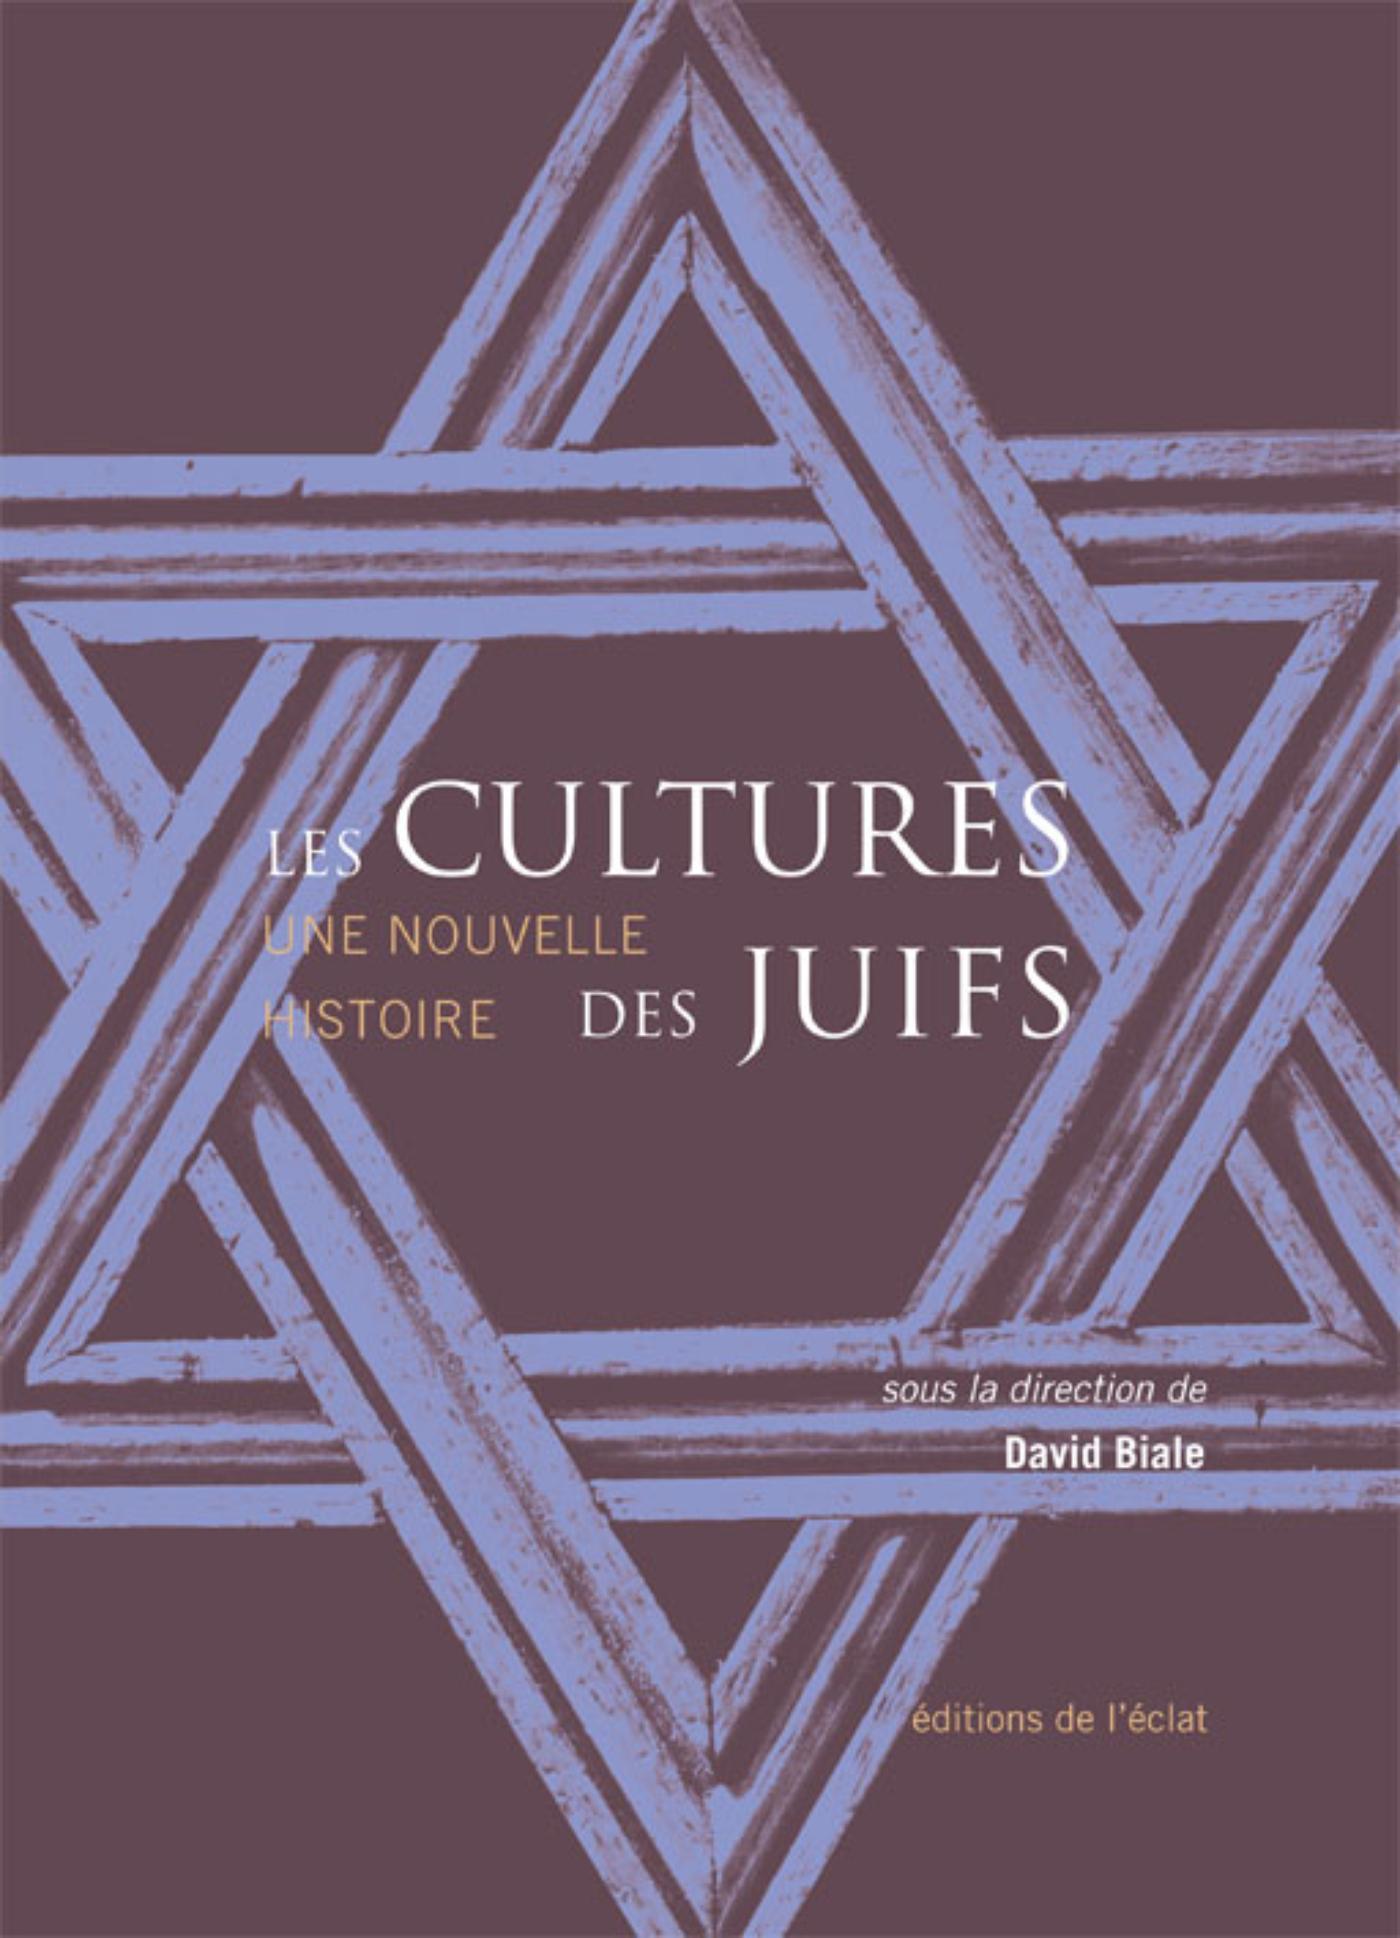 Les Cultures des Juifs, Une nouvelle histoire